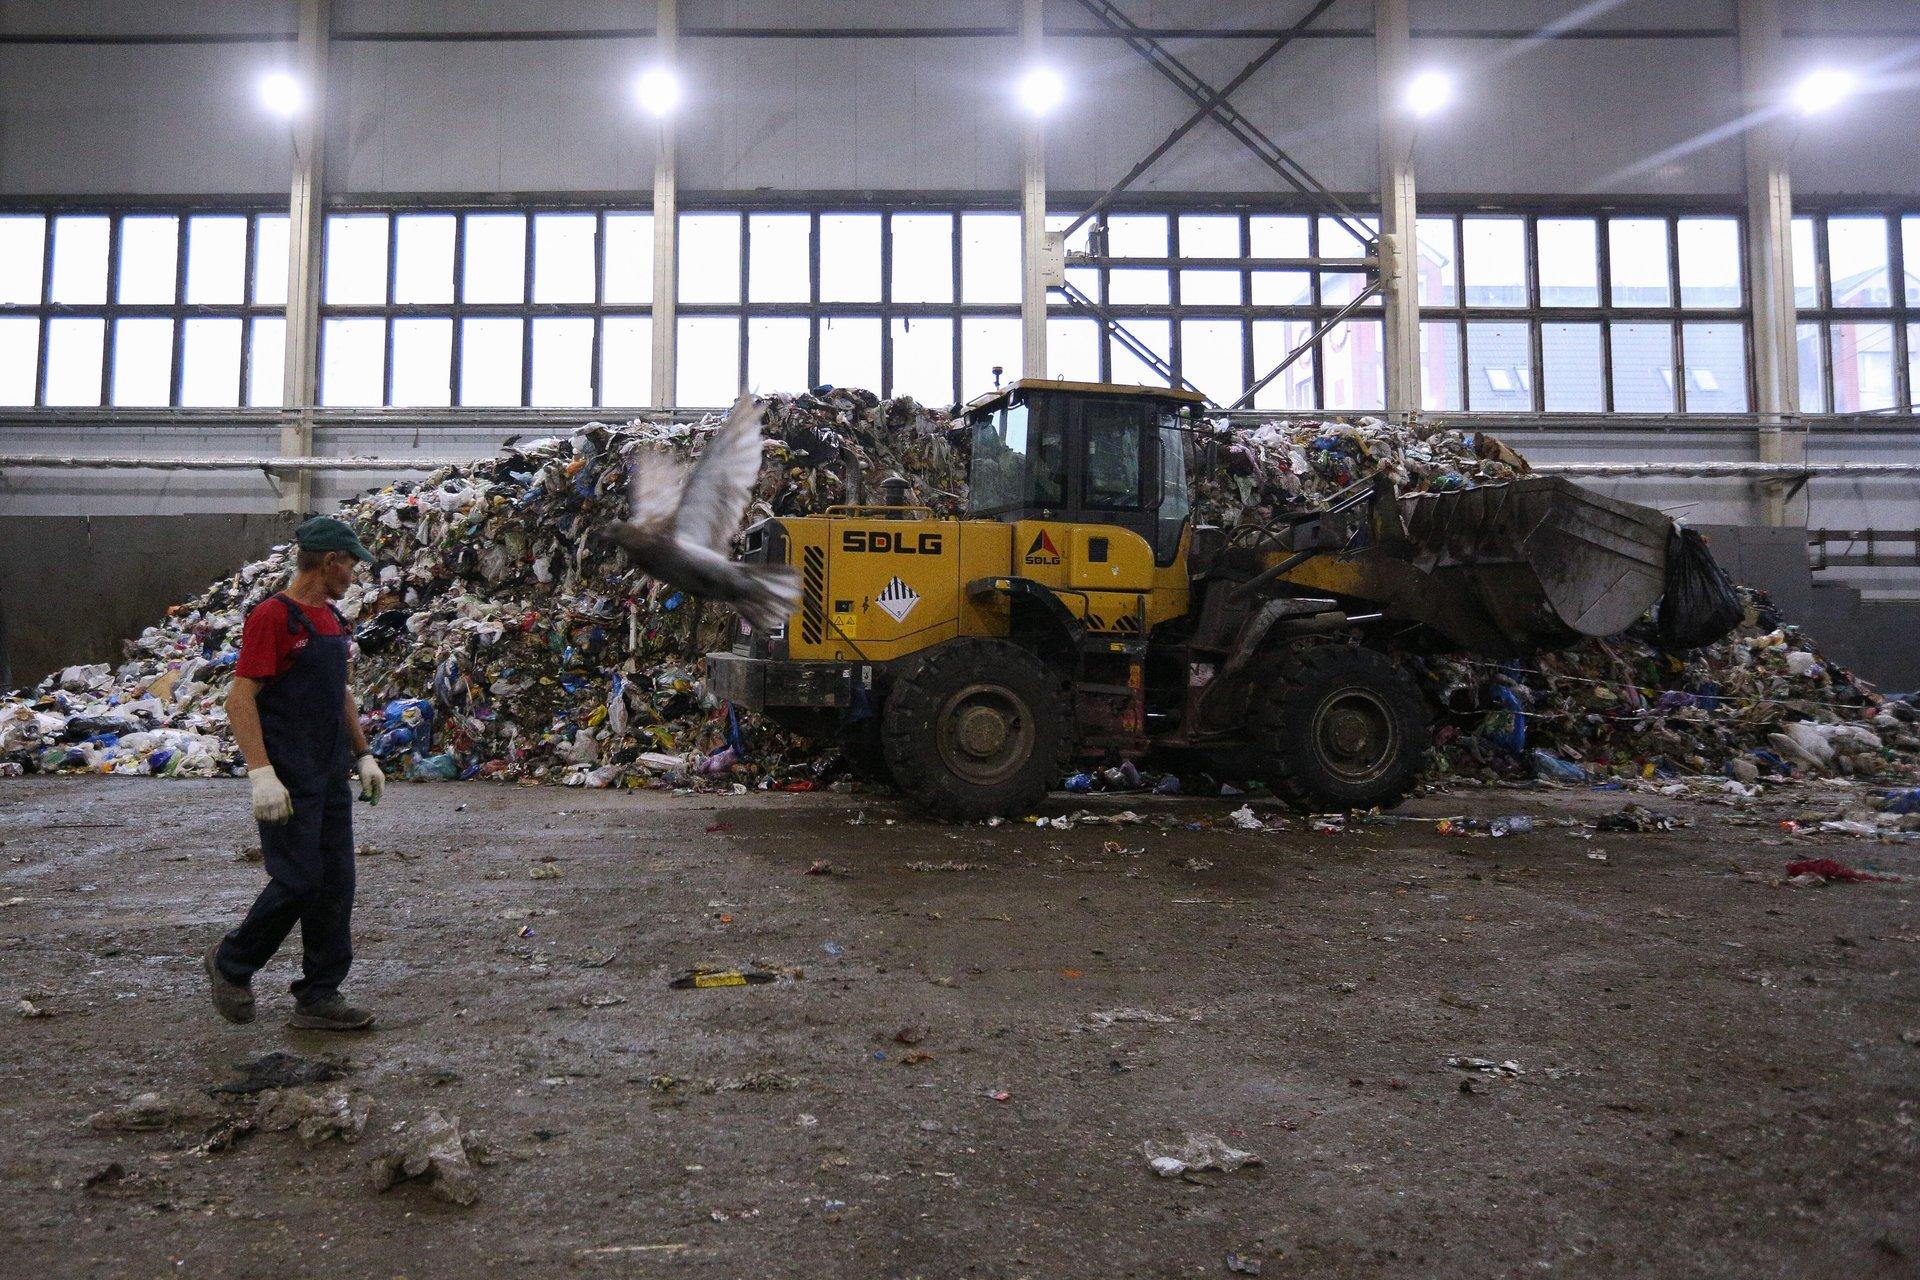 «Готовим поправки в законодательство»: в России планируют запретить использование пластиковой посуды1